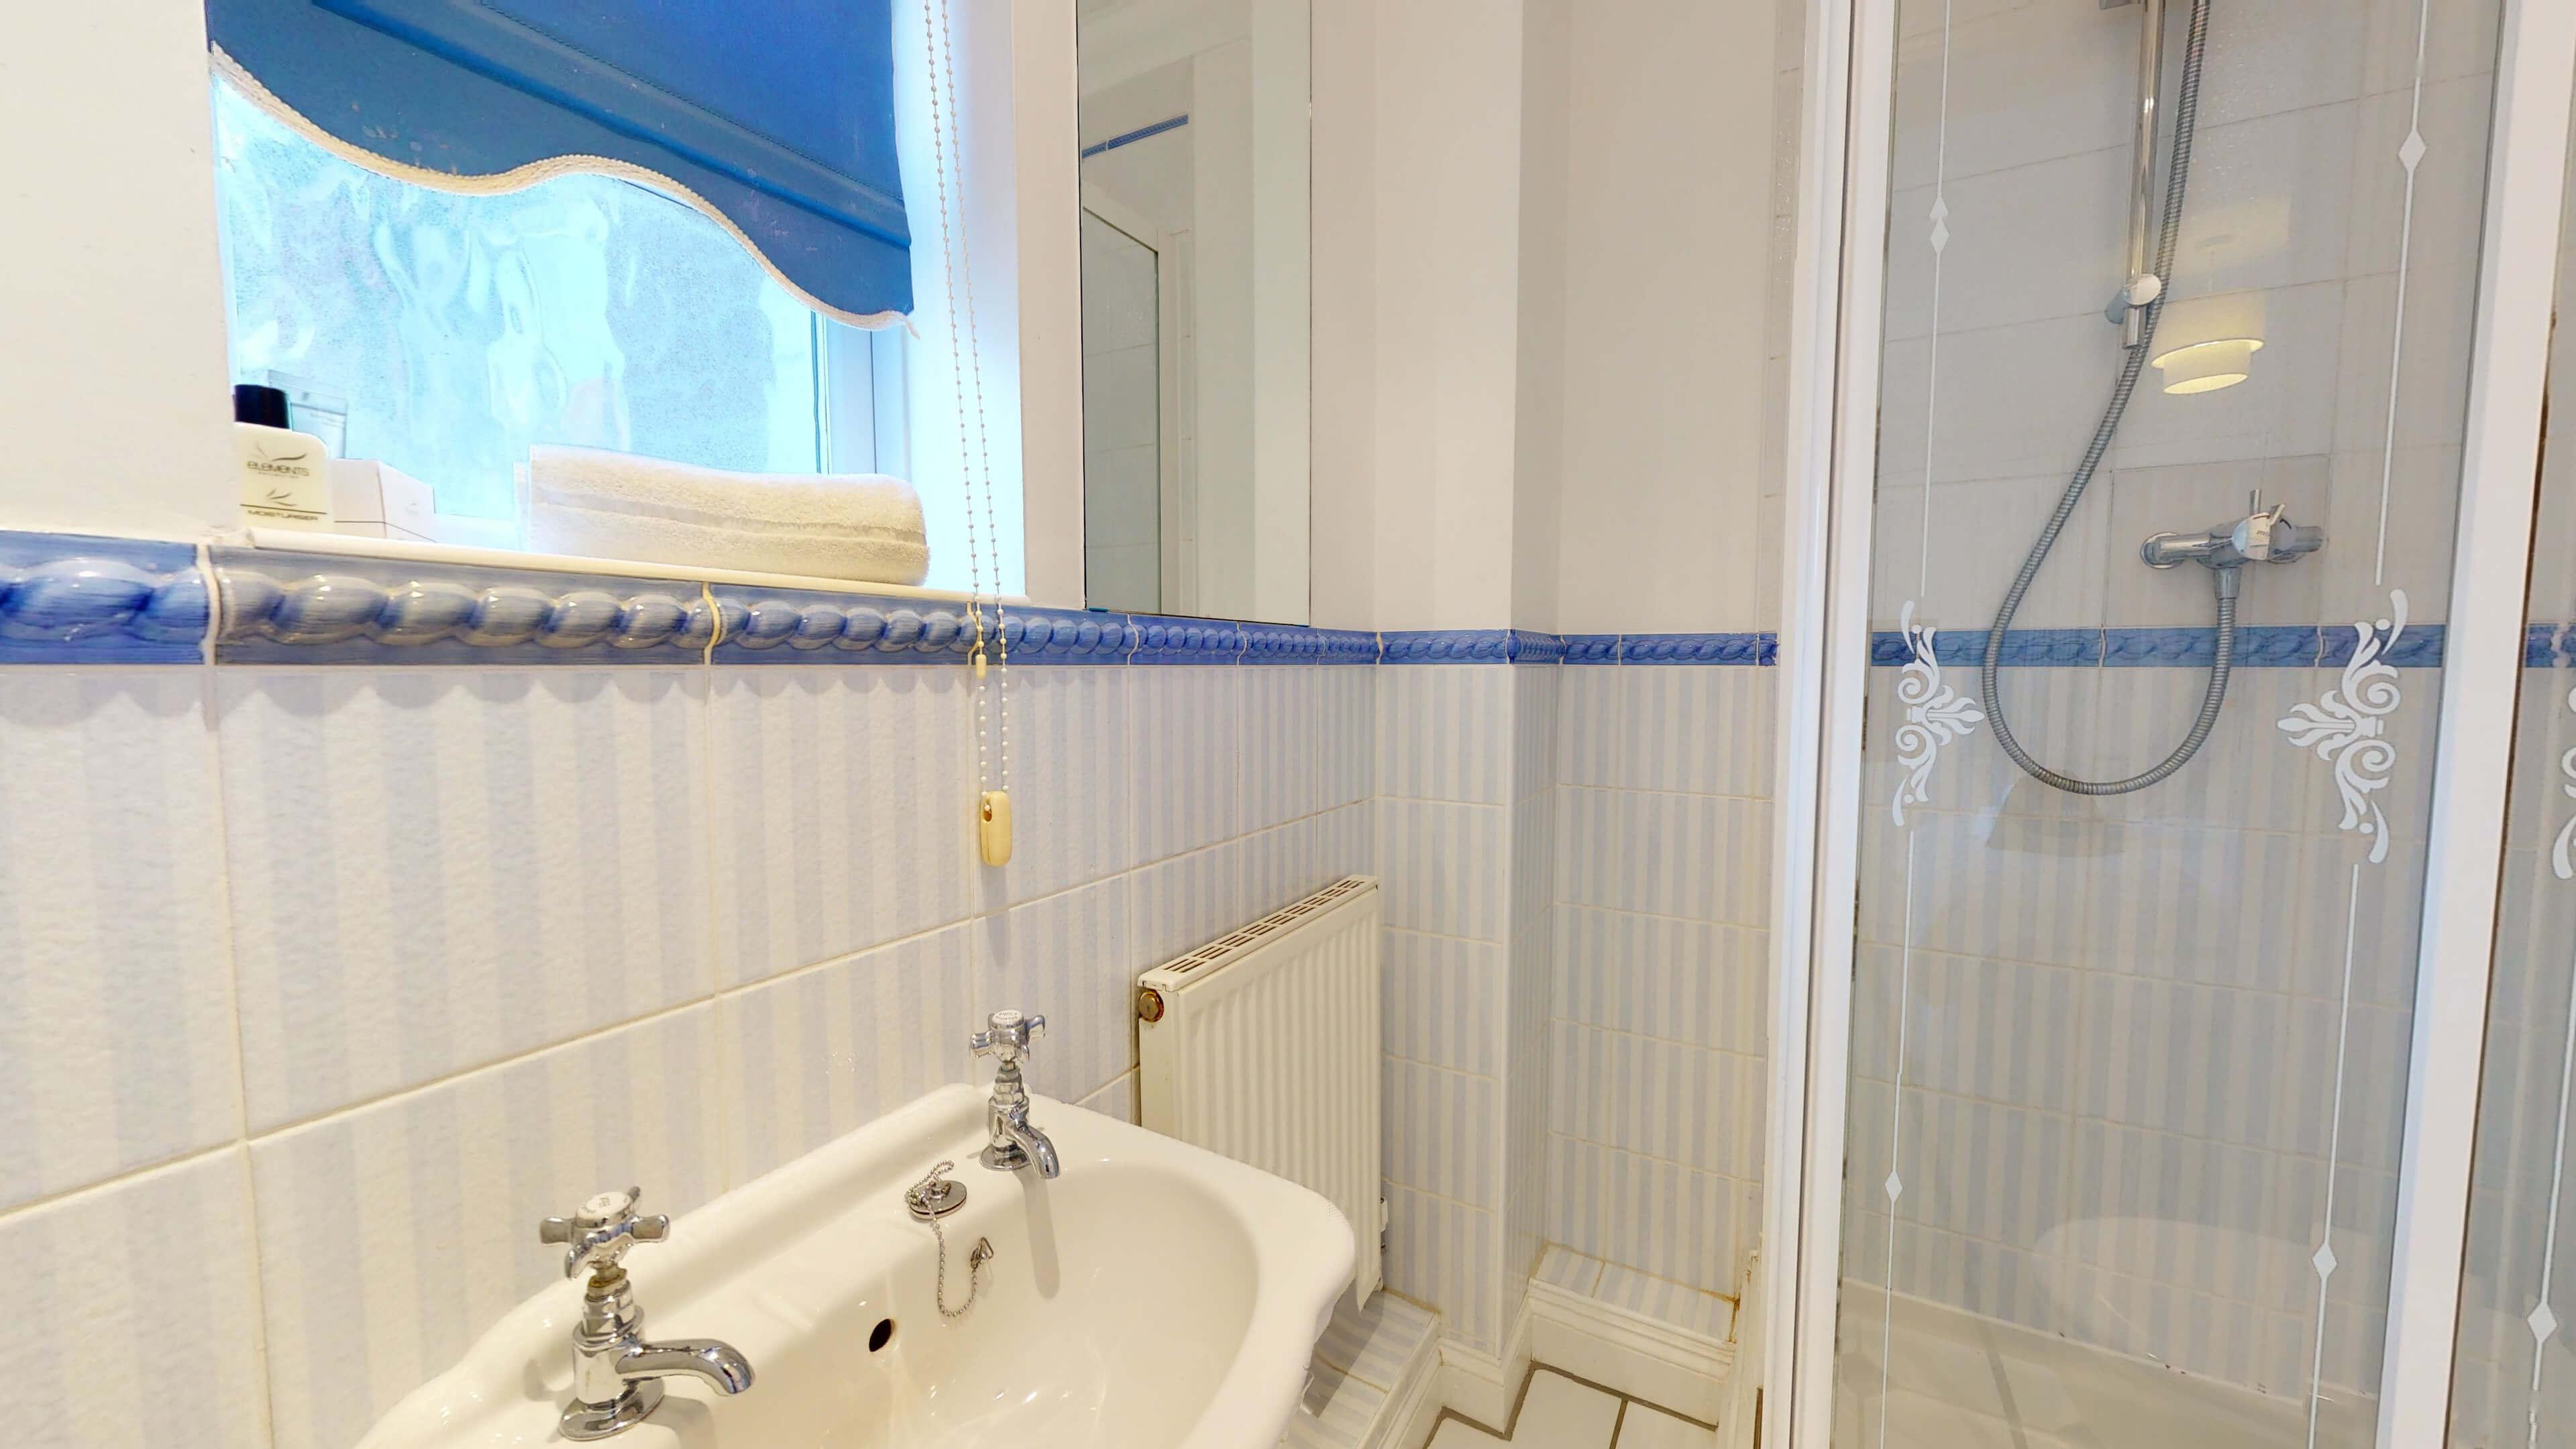 Rewley Road Oxford 2 Bed Rewley Road Bathroom 1 2